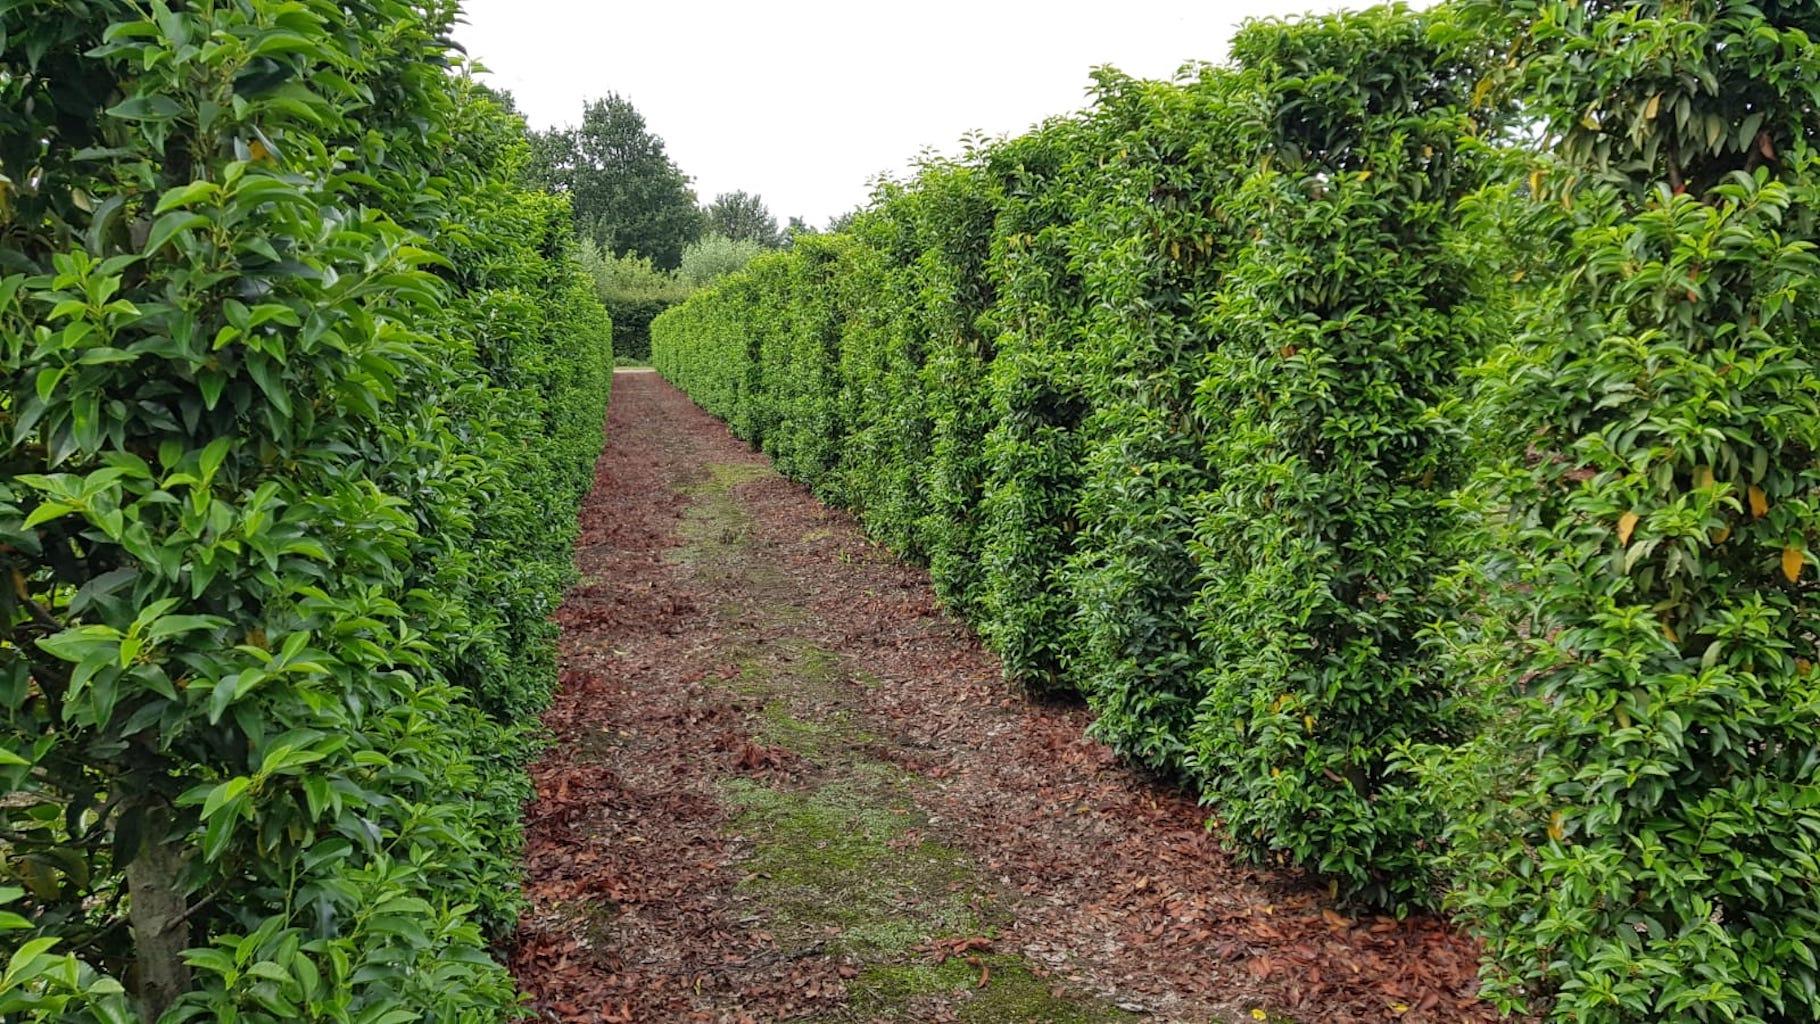 Prunus lusitanica 'Angustifolia' instant hedge plants 190-200cm x 50cm x 50cm (2)